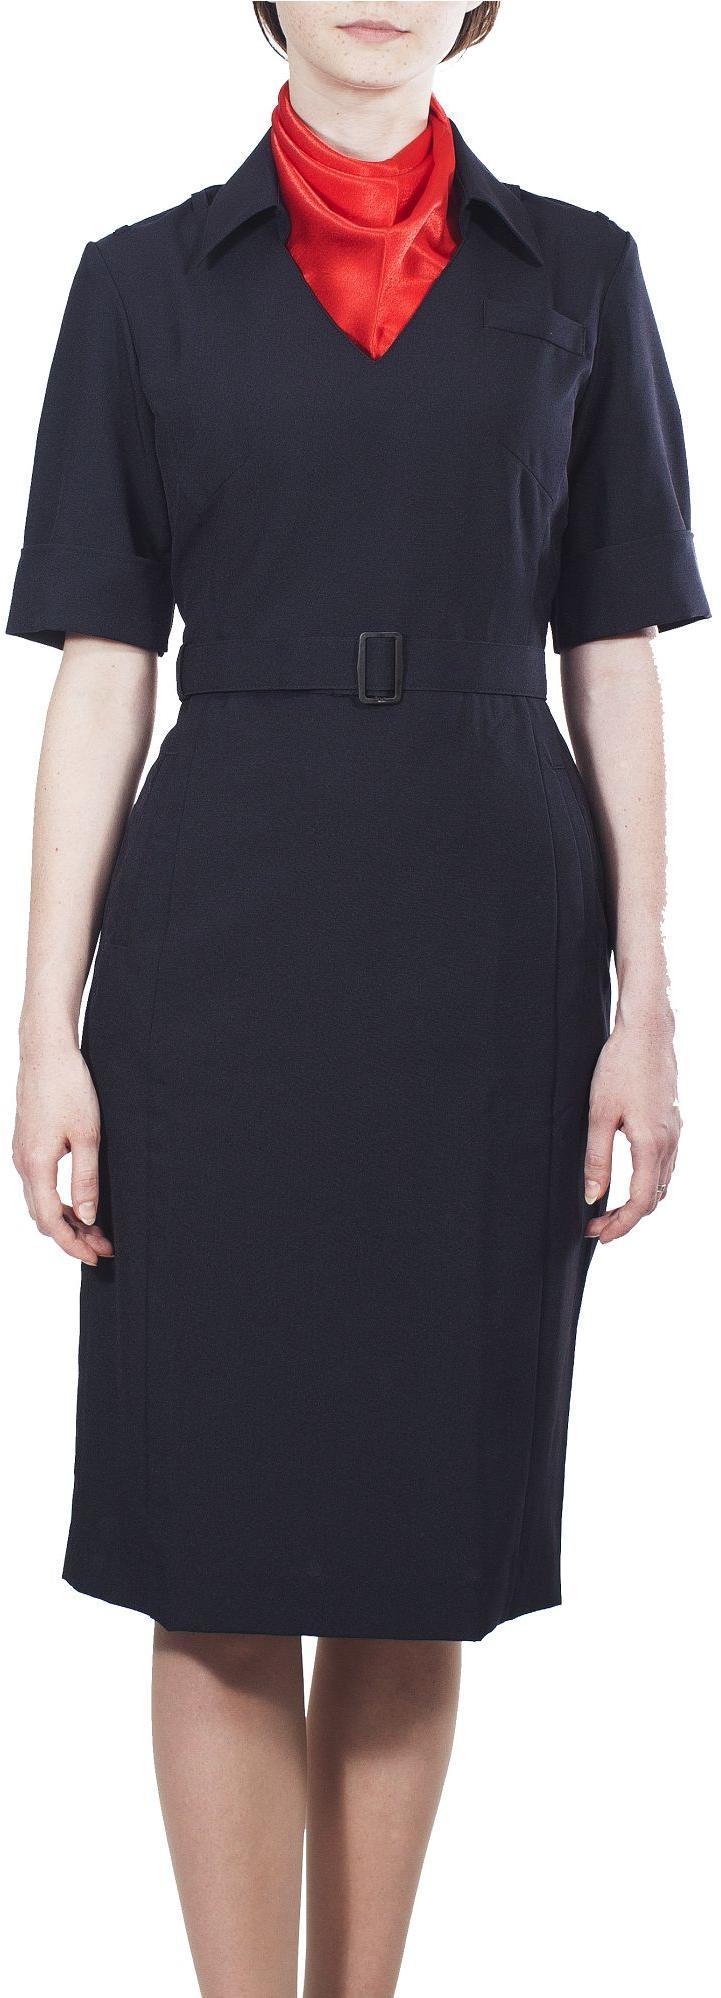 Платье Полиция/Юстиция МВД с коротким рукавом нового образца, Юбки и платья - арт. 144680153